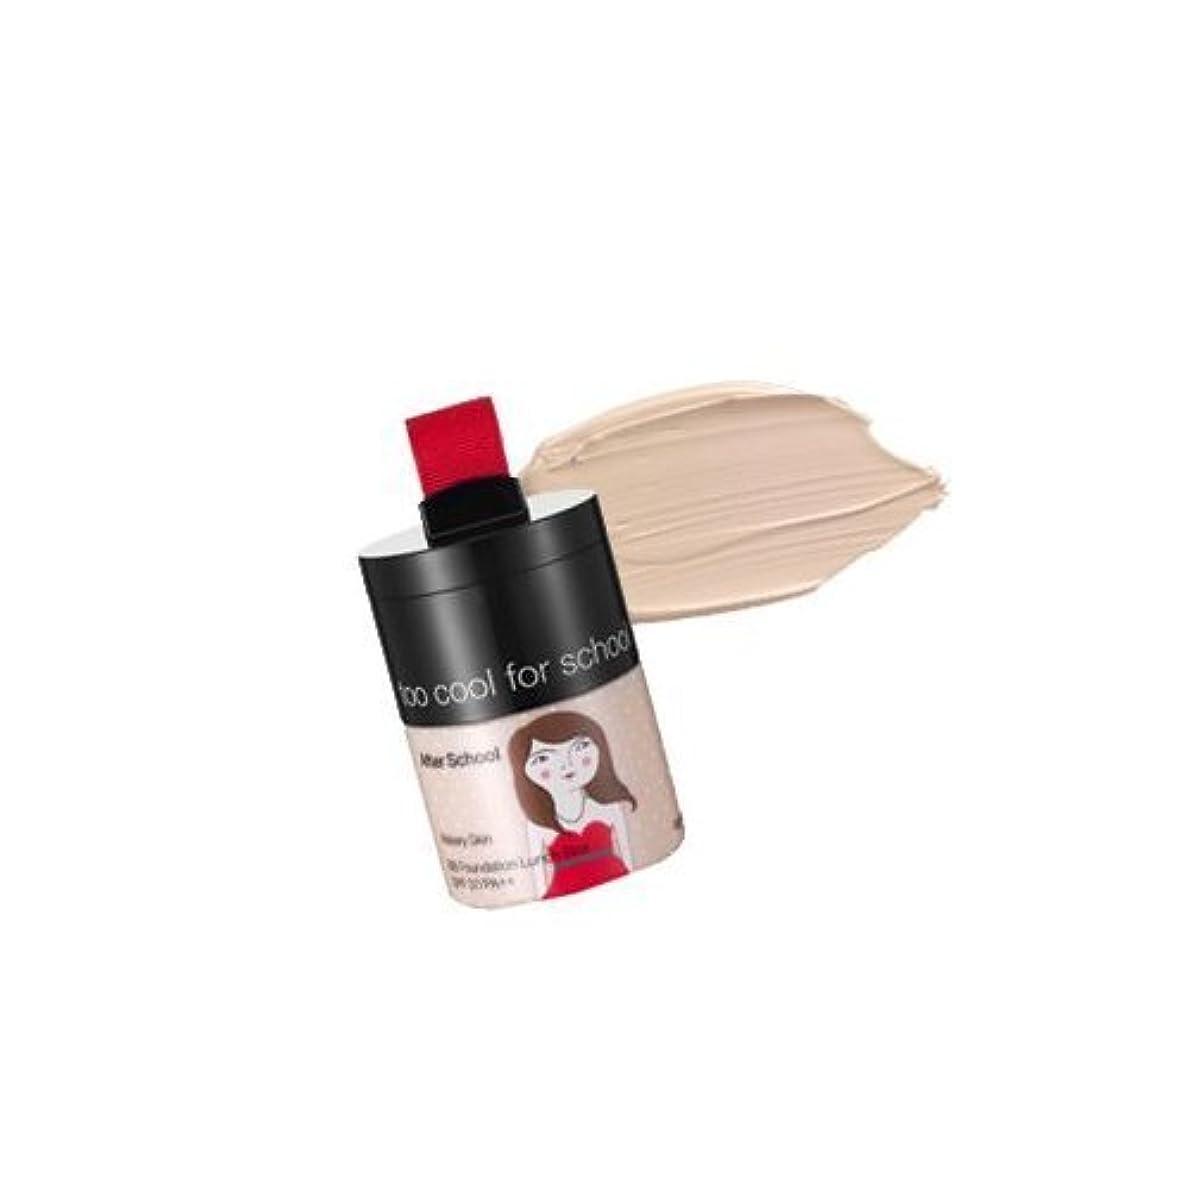 公ブロッサム振るTOO COOL FOR SCHOOL After School BB Foundation Lunch Box 01 Matte Skin (並行輸入品)